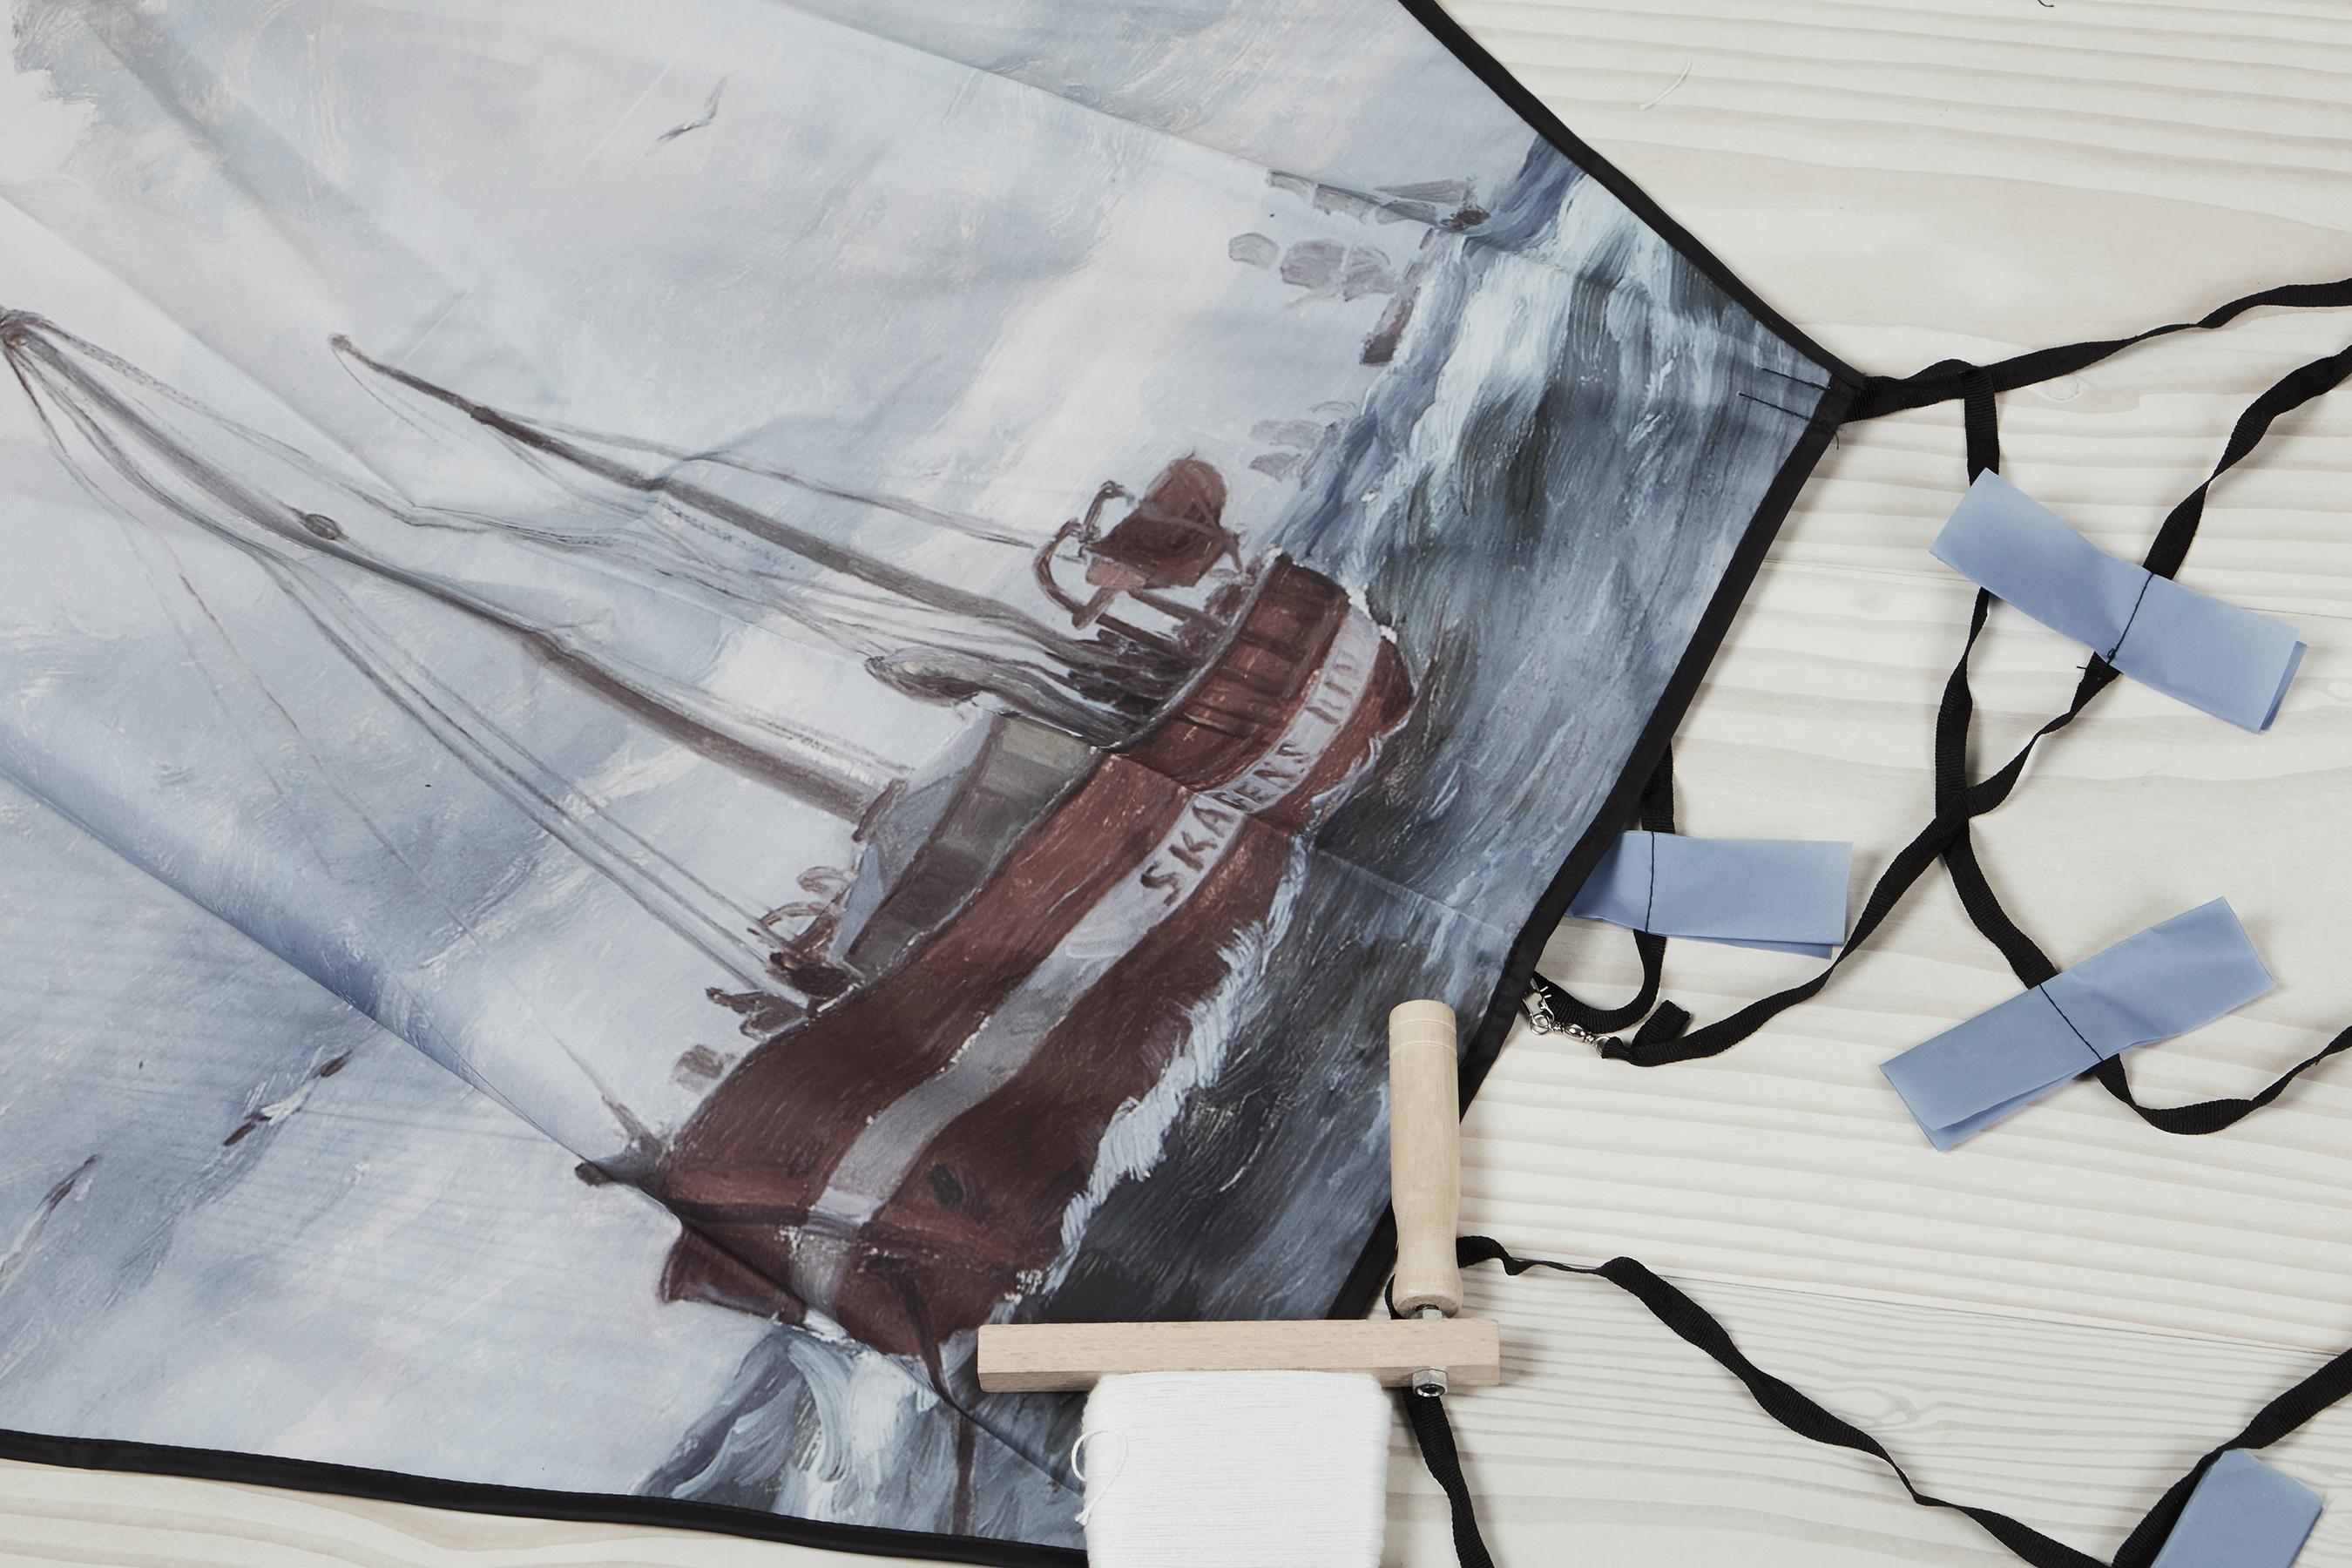 Slædedrage med Skagen Rev fyrskib